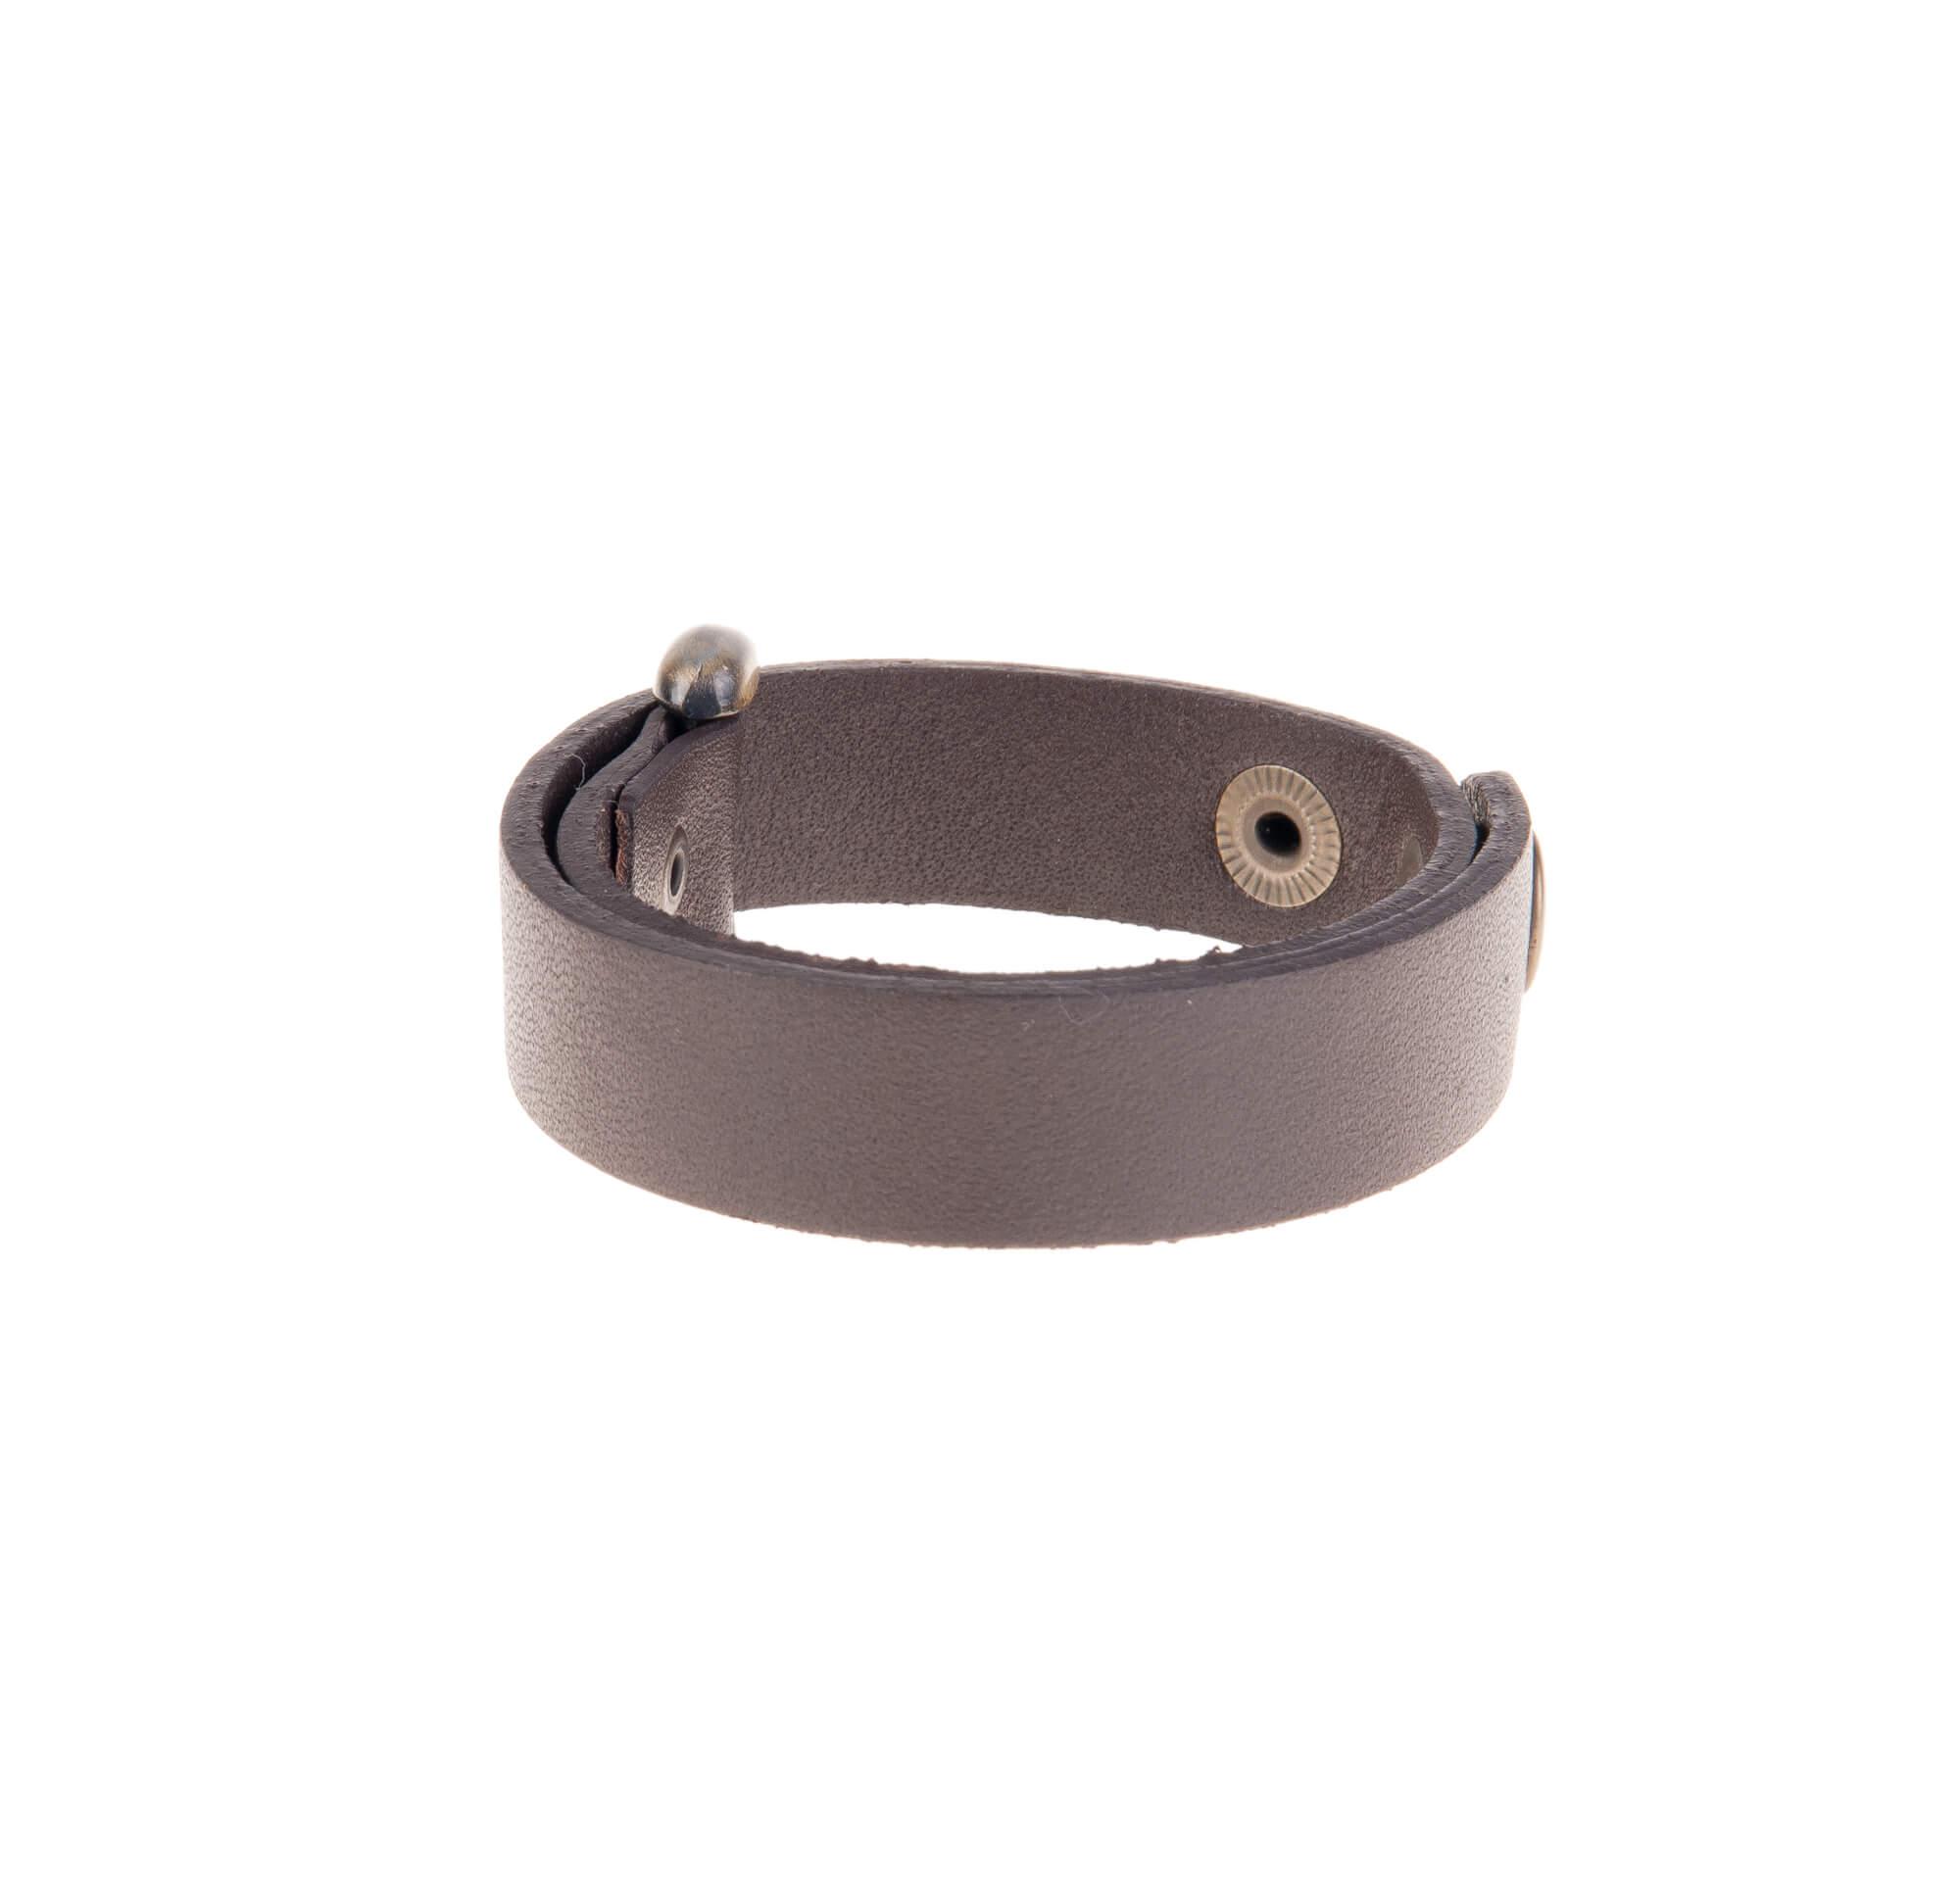 دستبند سگک دار چرمی LM1006